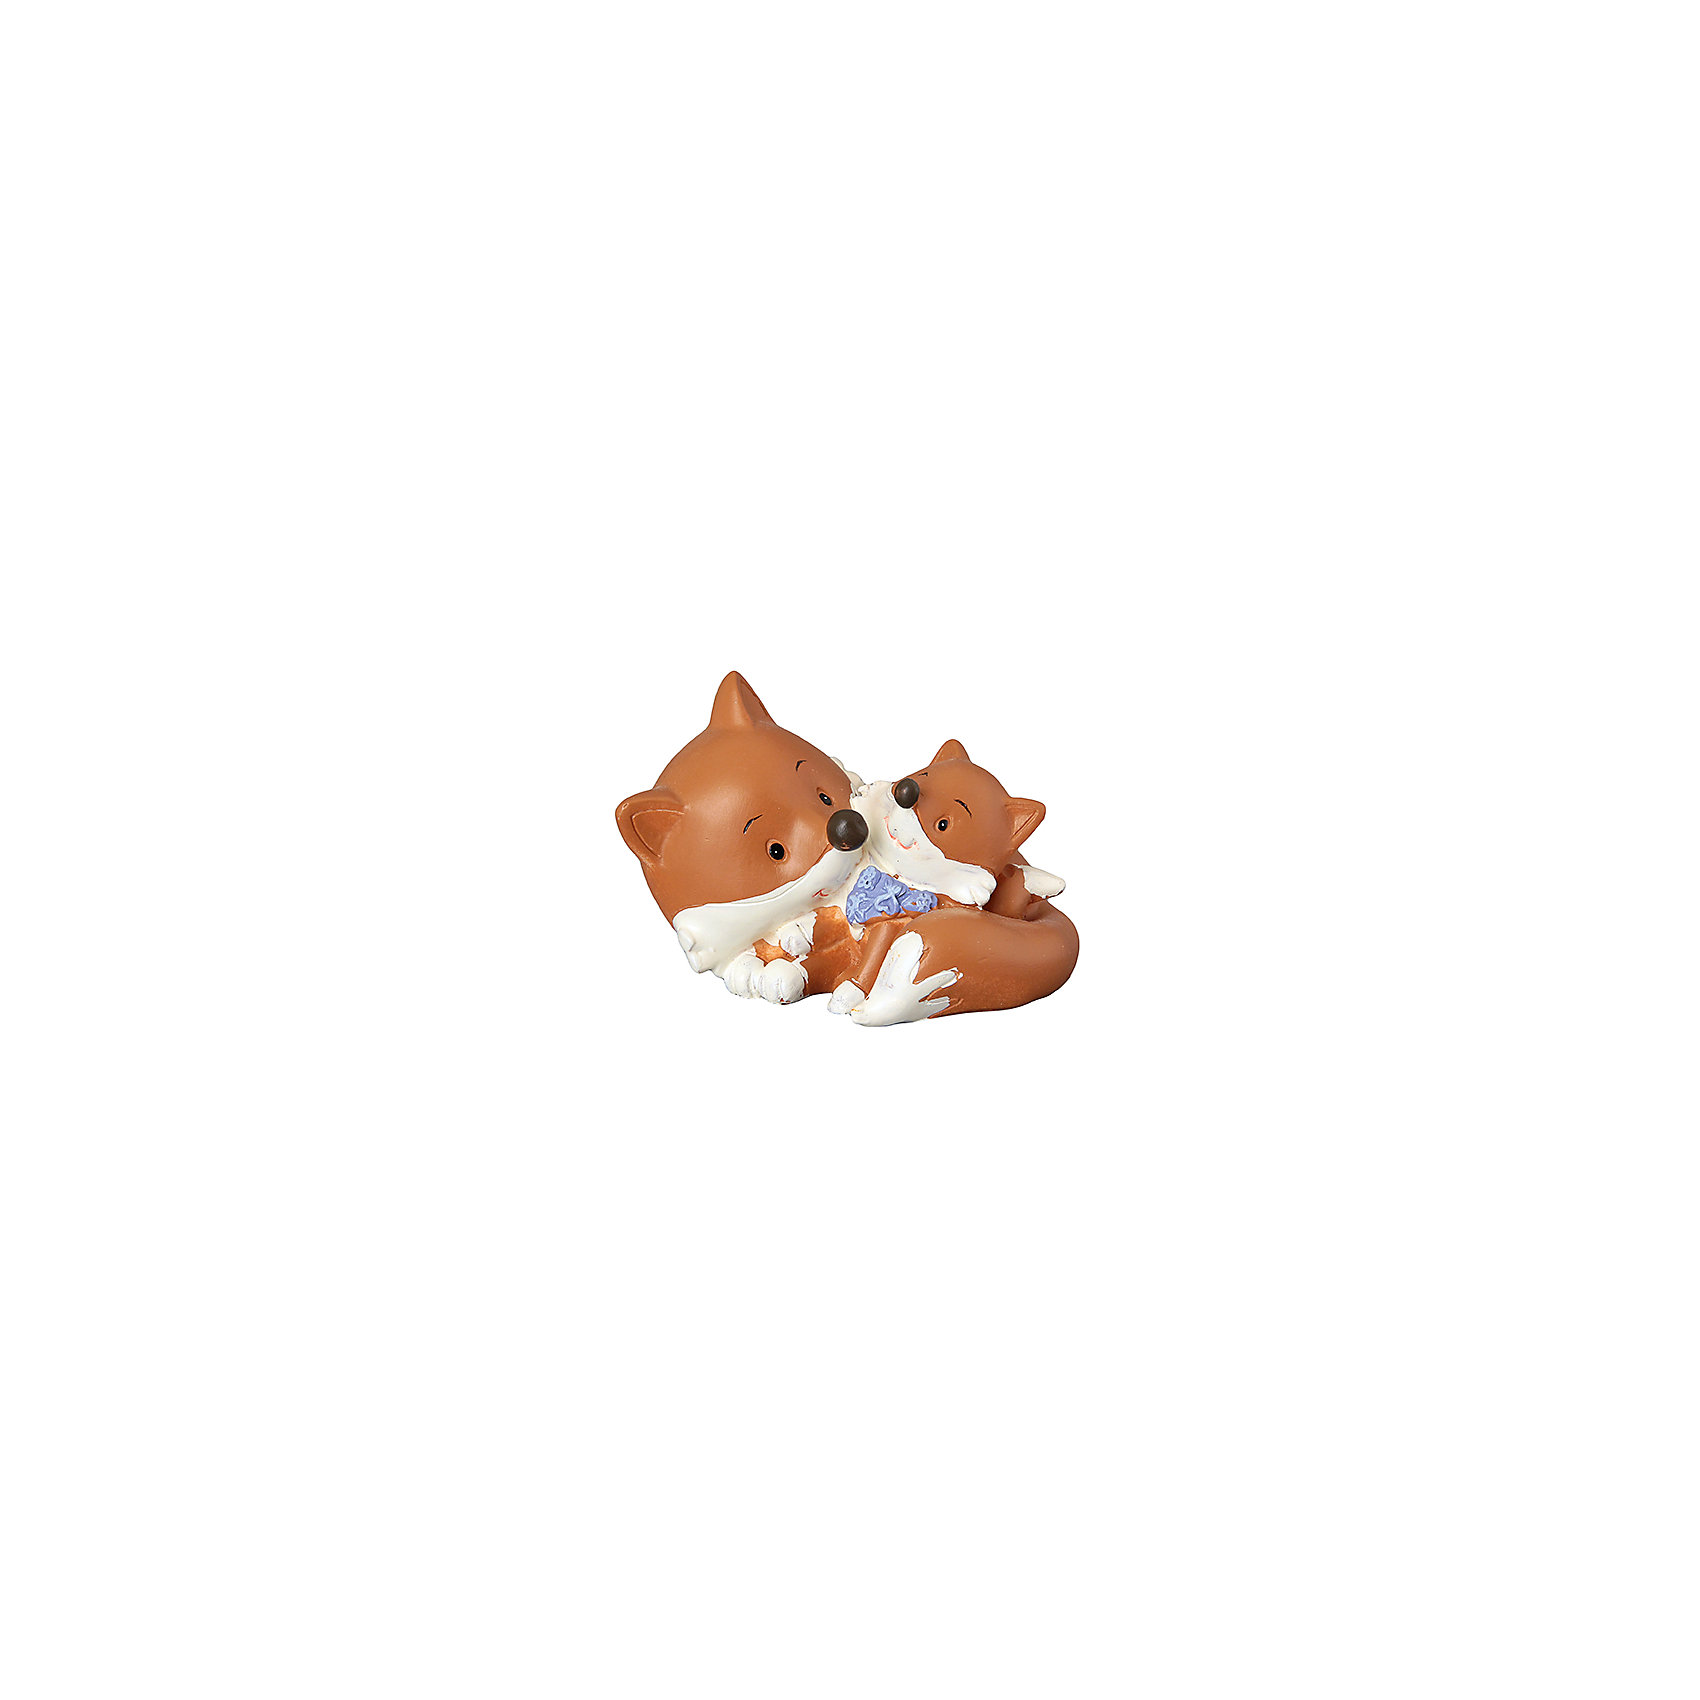 Фигурка декоративная Лисичка с лисенком, Elan GalleryПредметы интерьера<br>Характеристики товара:<br><br>• цвет: мульти<br>• материал: полистоун<br>• высота: 6 см<br>• вес: 100 г<br>• подходит к любому интерьеру<br>• отлично проработаны детали<br>• универсальный размер<br>• страна бренда: Российская Федерация<br>• страна производства: Китай<br><br>Такая декоративная фигурка - отличный пример красивой вещи для любого интерьера. Благодаря универсальному дизайну и расцветке она хорошо будет смотреться в помещении.<br><br>Декоративная фигурка может стать отличным приобретением для дома или подарком для любителей симпатичных вещей, украшающих пространство.<br><br>Бренд Elan Gallery - это красивые и практичные товары для дома с современным дизайном. Они добавляют в жильё уюта и комфорта! <br><br>Фигурку декоративную Лисичка с лисенком Elan Gallery можно купить в нашем интернет-магазине.<br><br>Ширина мм: 62<br>Глубина мм: 60<br>Высота мм: 92<br>Вес г: 101<br>Возраст от месяцев: 0<br>Возраст до месяцев: 1188<br>Пол: Унисекс<br>Возраст: Детский<br>SKU: 6668964